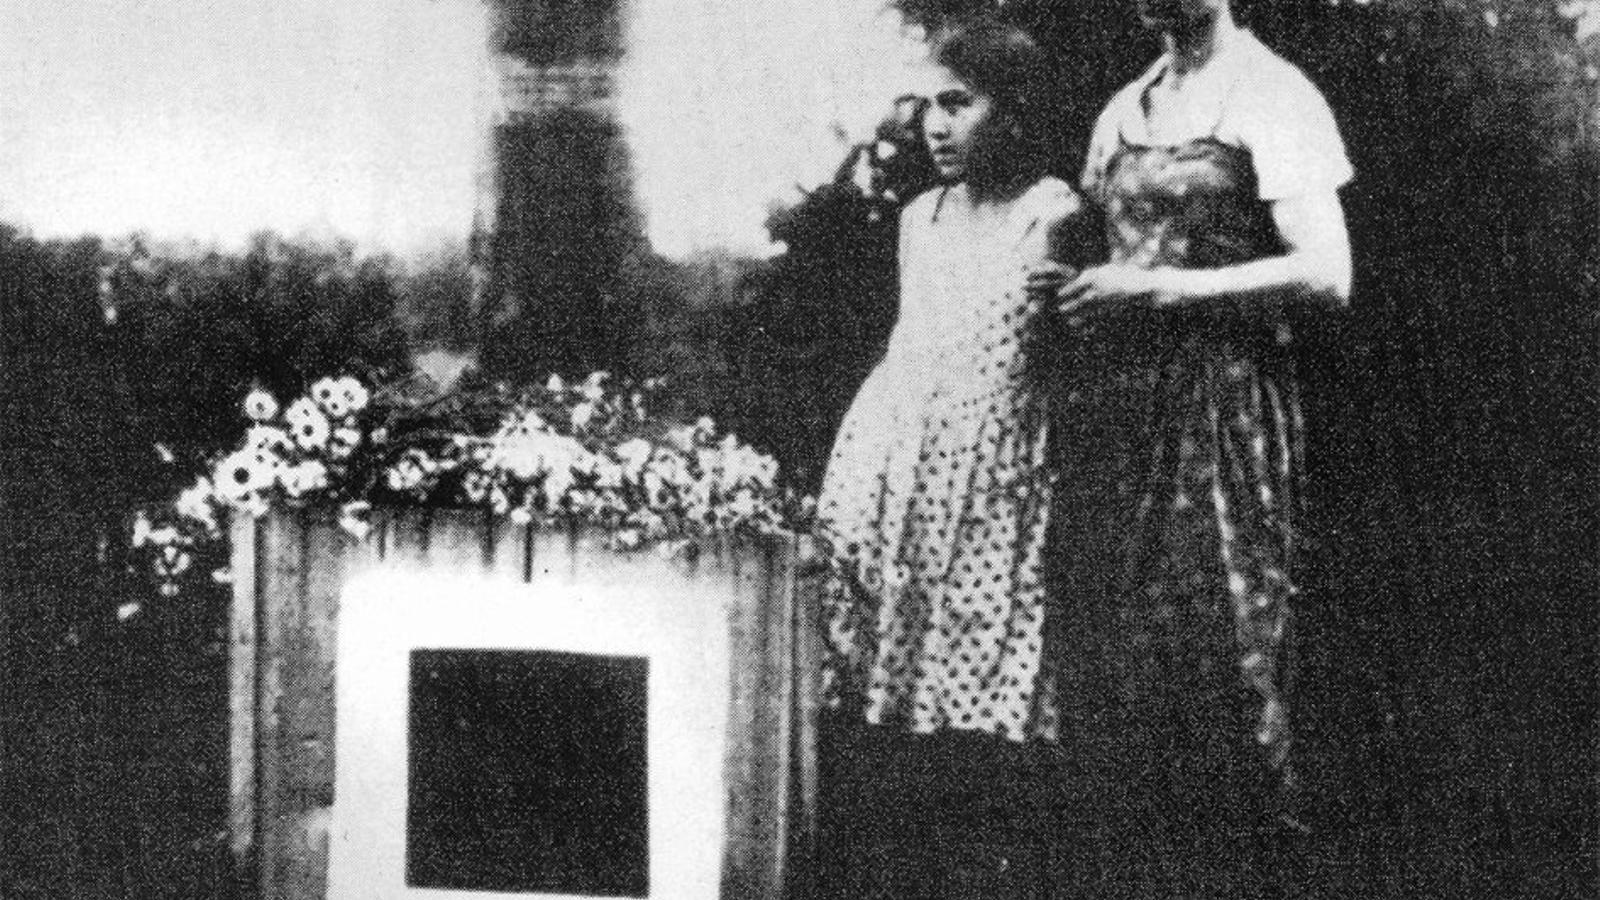 Natàlia, la segona dona de Màlevitx, amb la seva filla Una al costat del cub que marcava el lloc on es van enterrar les cendres de l'artista, a la finca de Nemtxinovka